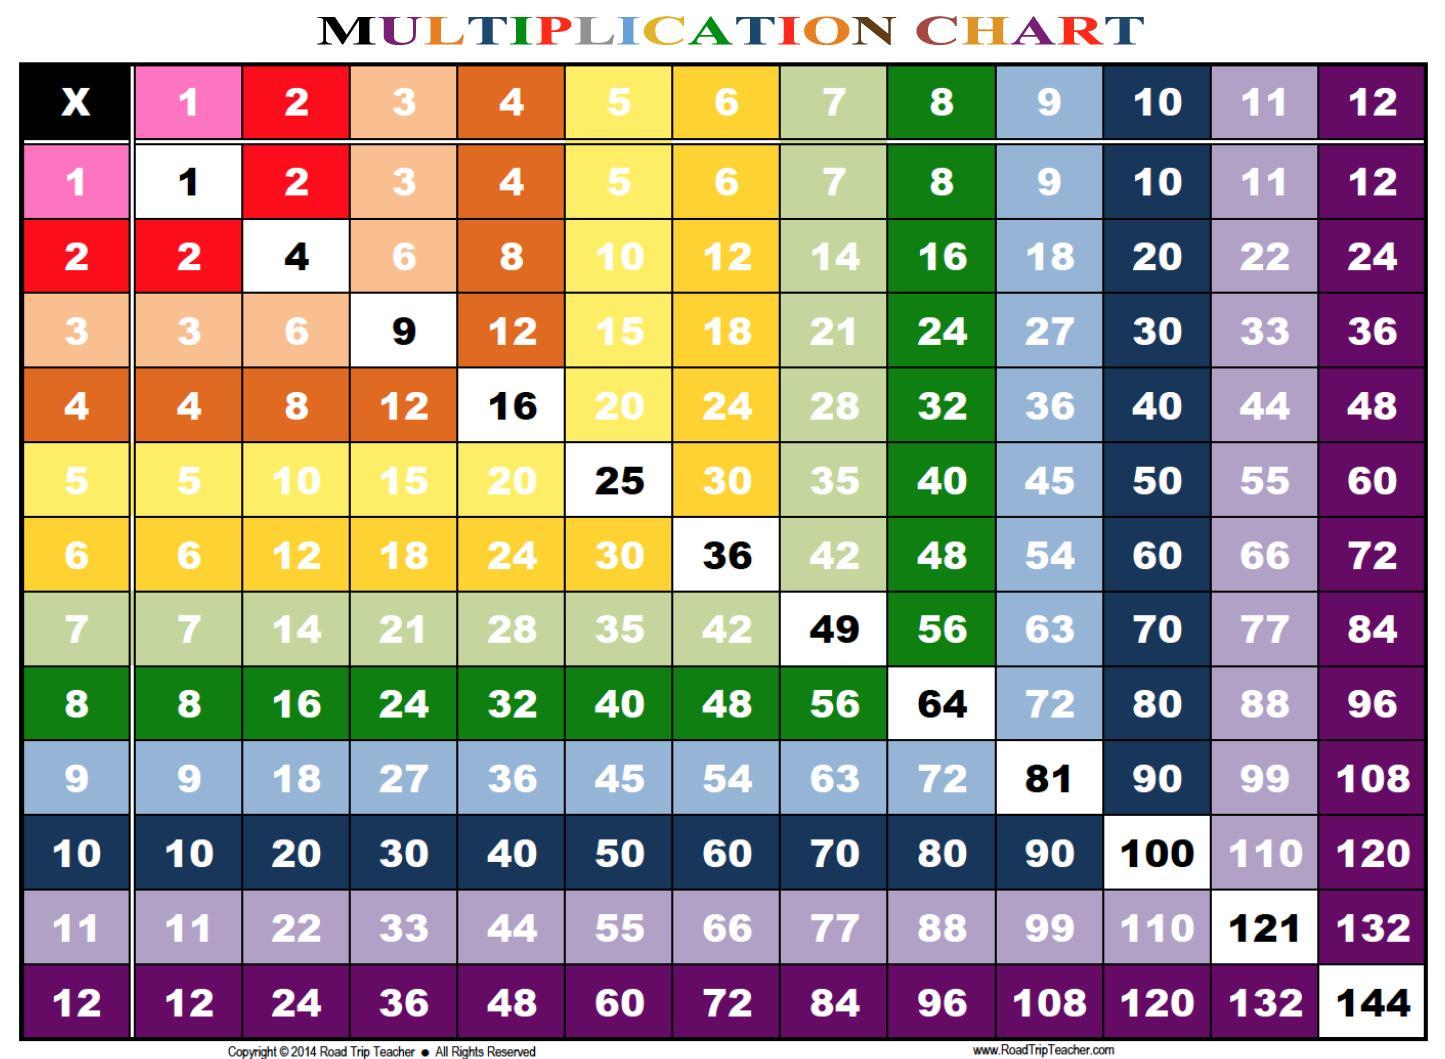 Multiplication Worksheets Numbers 1-12 4